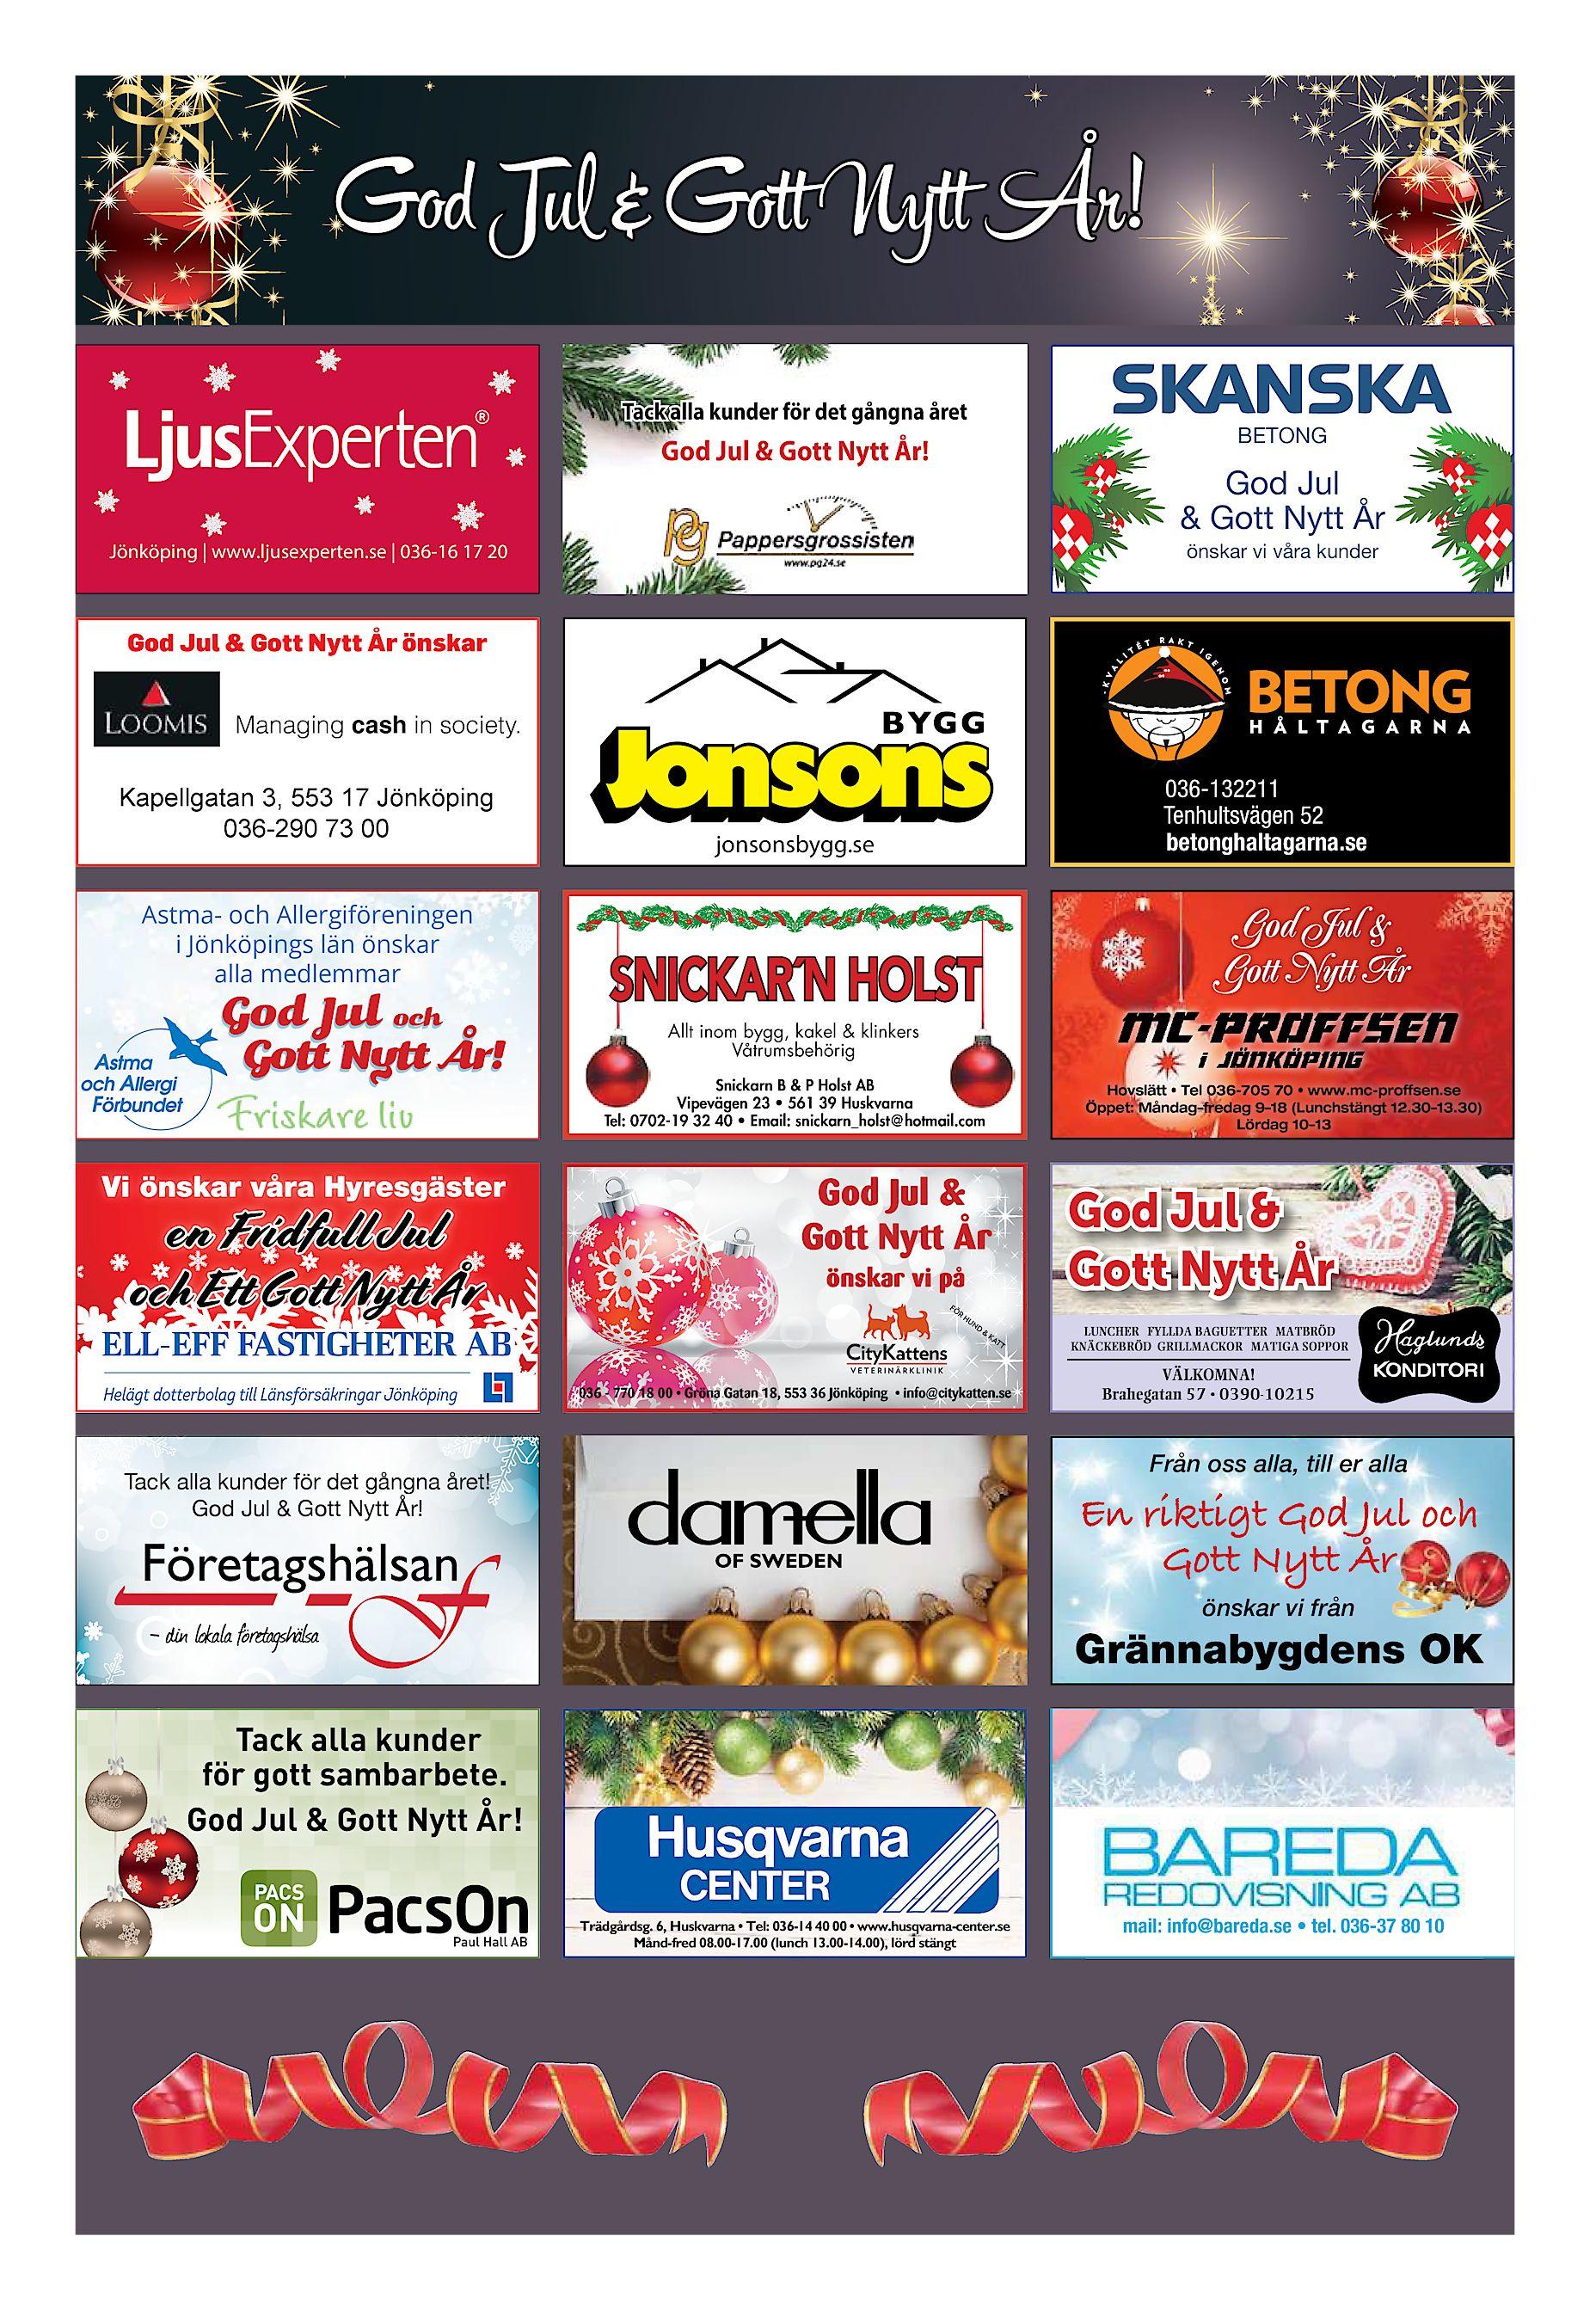 76f9711ffc0 God Jl & Got Nyt År! Tack alla kunder för det gångna året BETONG God Jul &  Gott Nytt År! God Jul & Gott Nytt År önskar vi våra kunder Jönköping ...